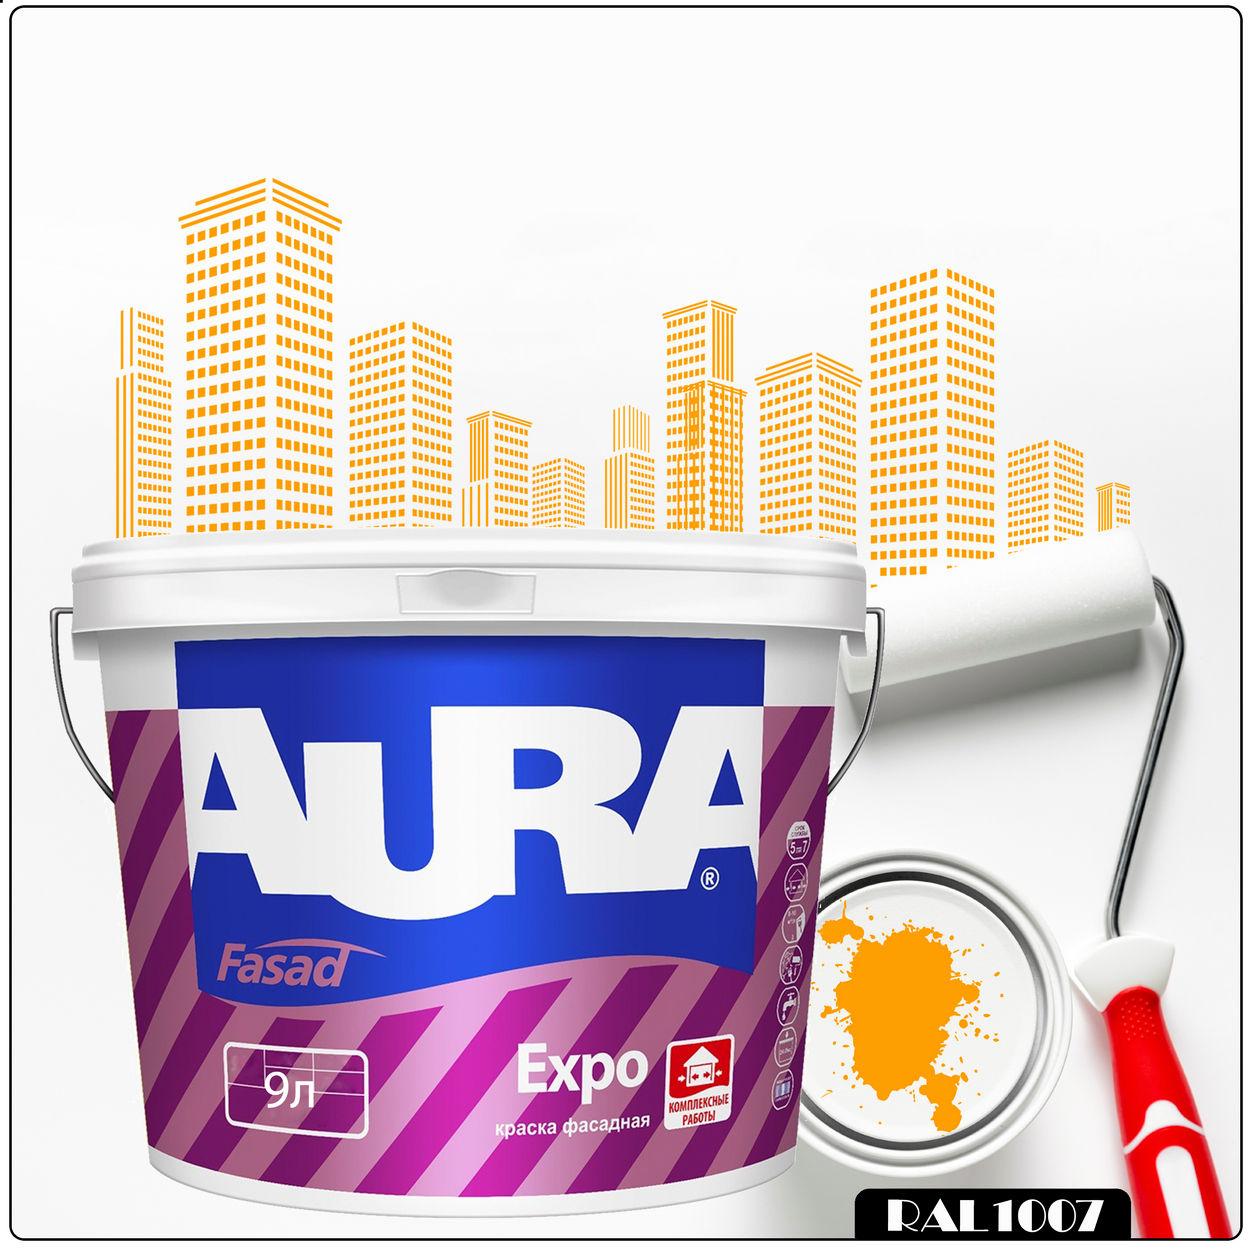 Фото 8 - Краска Aura Fasad Expo, RAL 1007 Нарциссово-жёлтый, матовая, для фасадов и помещений с повышенной влажностью, 9л.